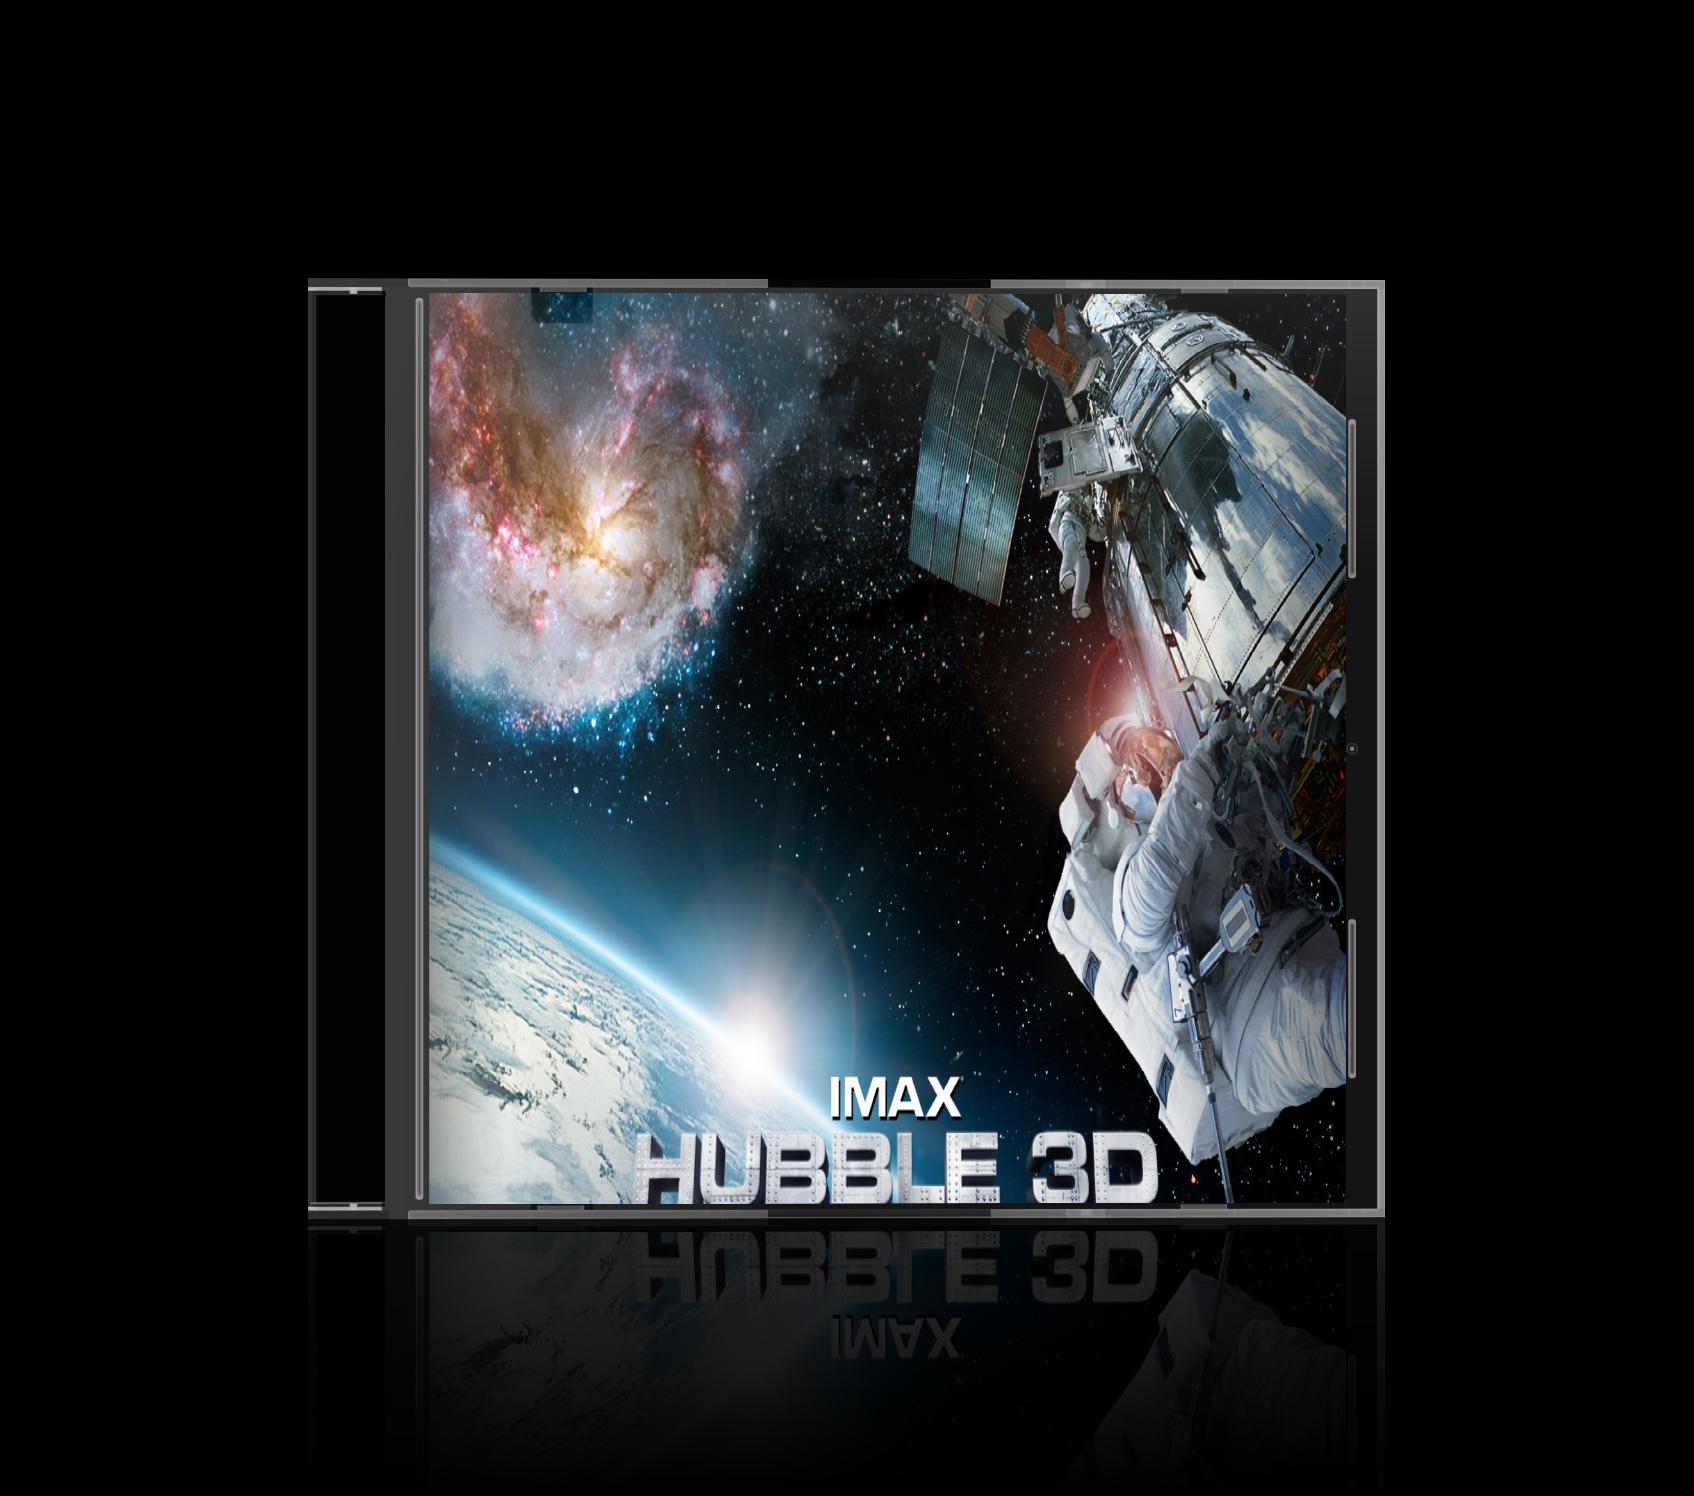 Тайны Вселенной. Телескоп Хаббл в 3D / Hubble 3D (2010) смотреть онлайн смотреть онлайн